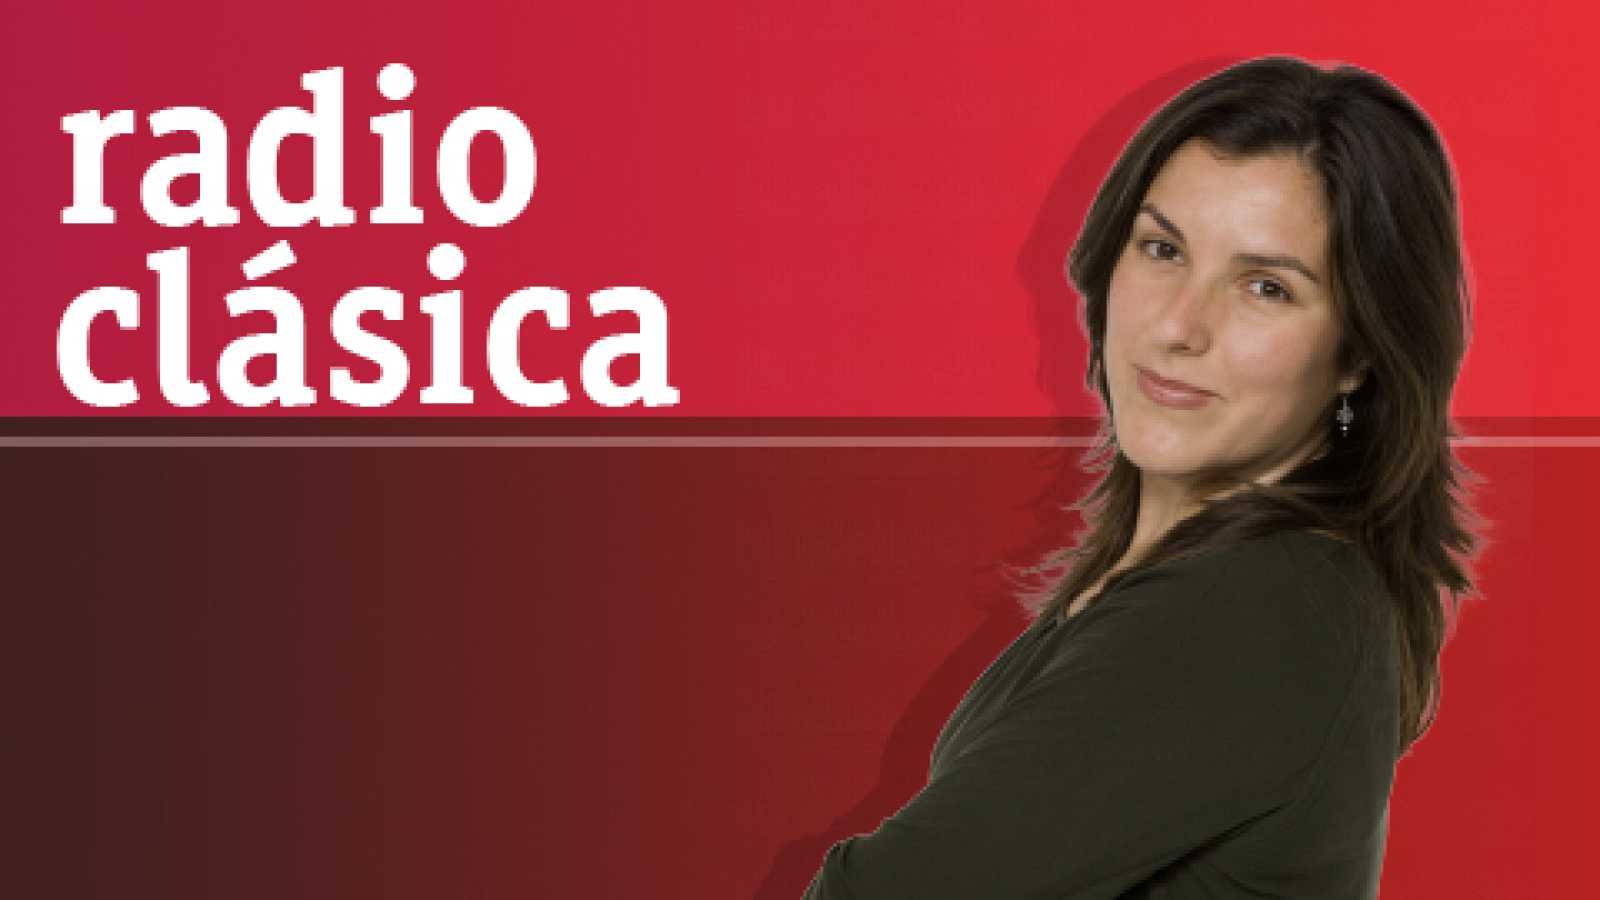 Los clásicos - Paloma Friedhoff, la voz alada - 13/05/14 - escuchar ahora